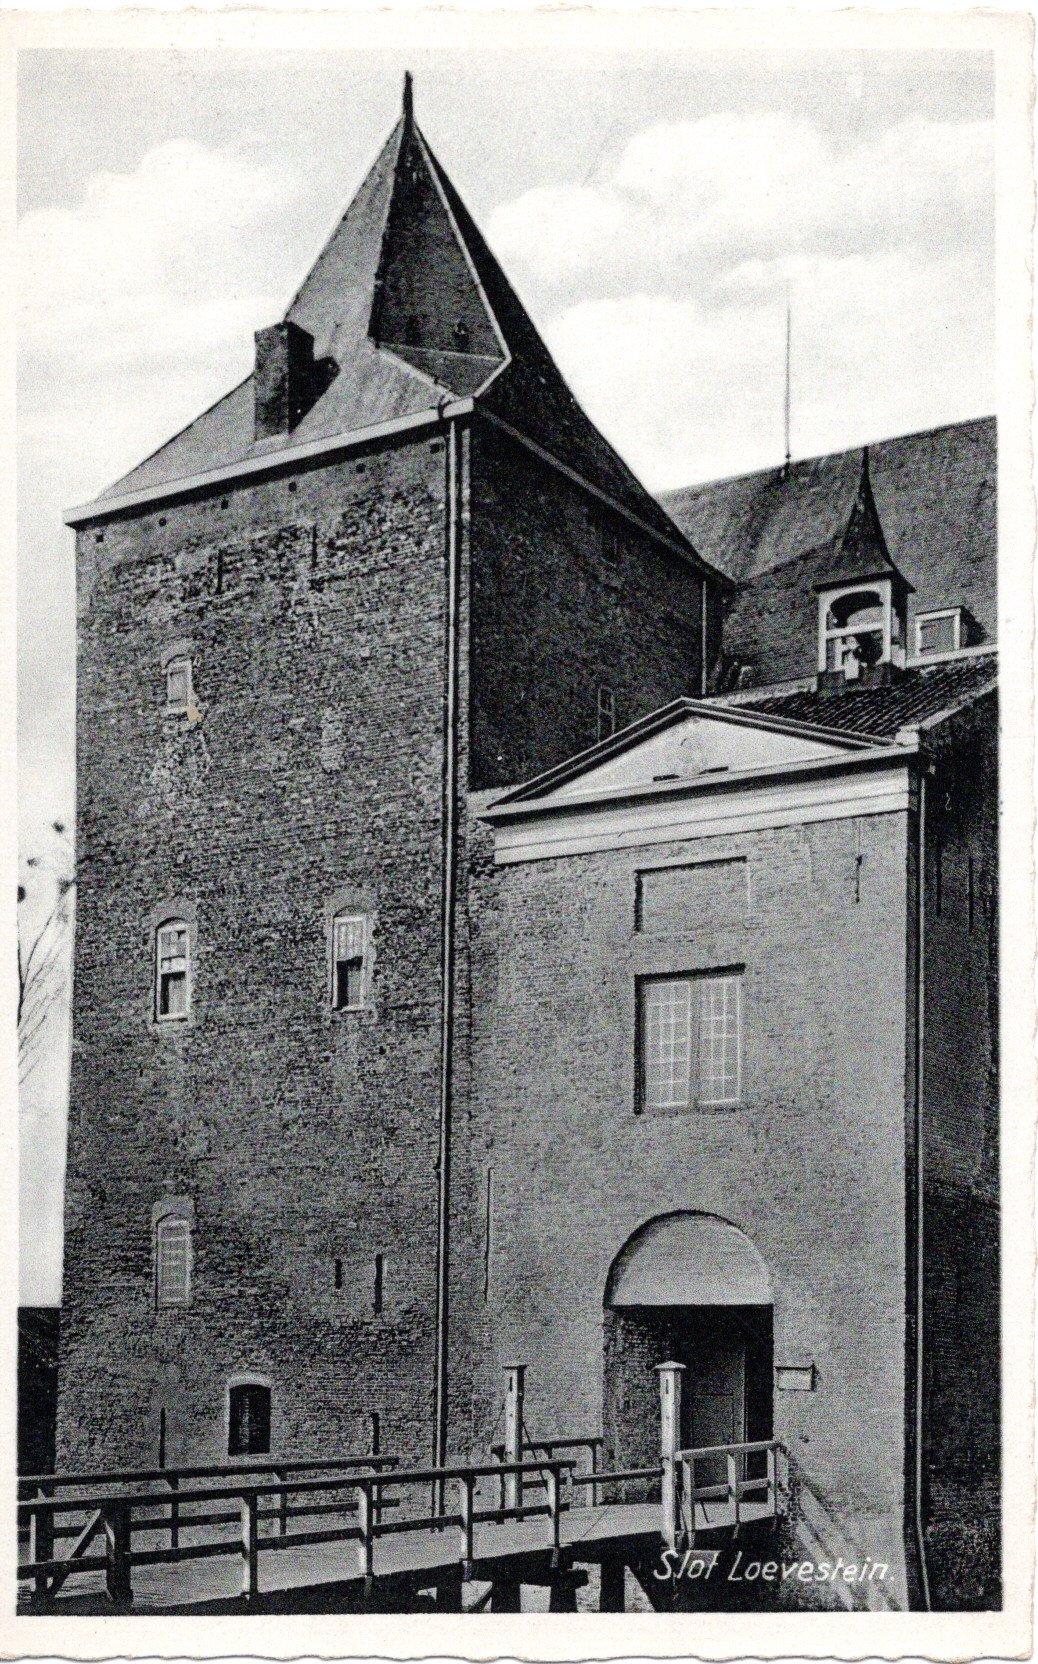 D3-Slot-Loevestein-ca-1910